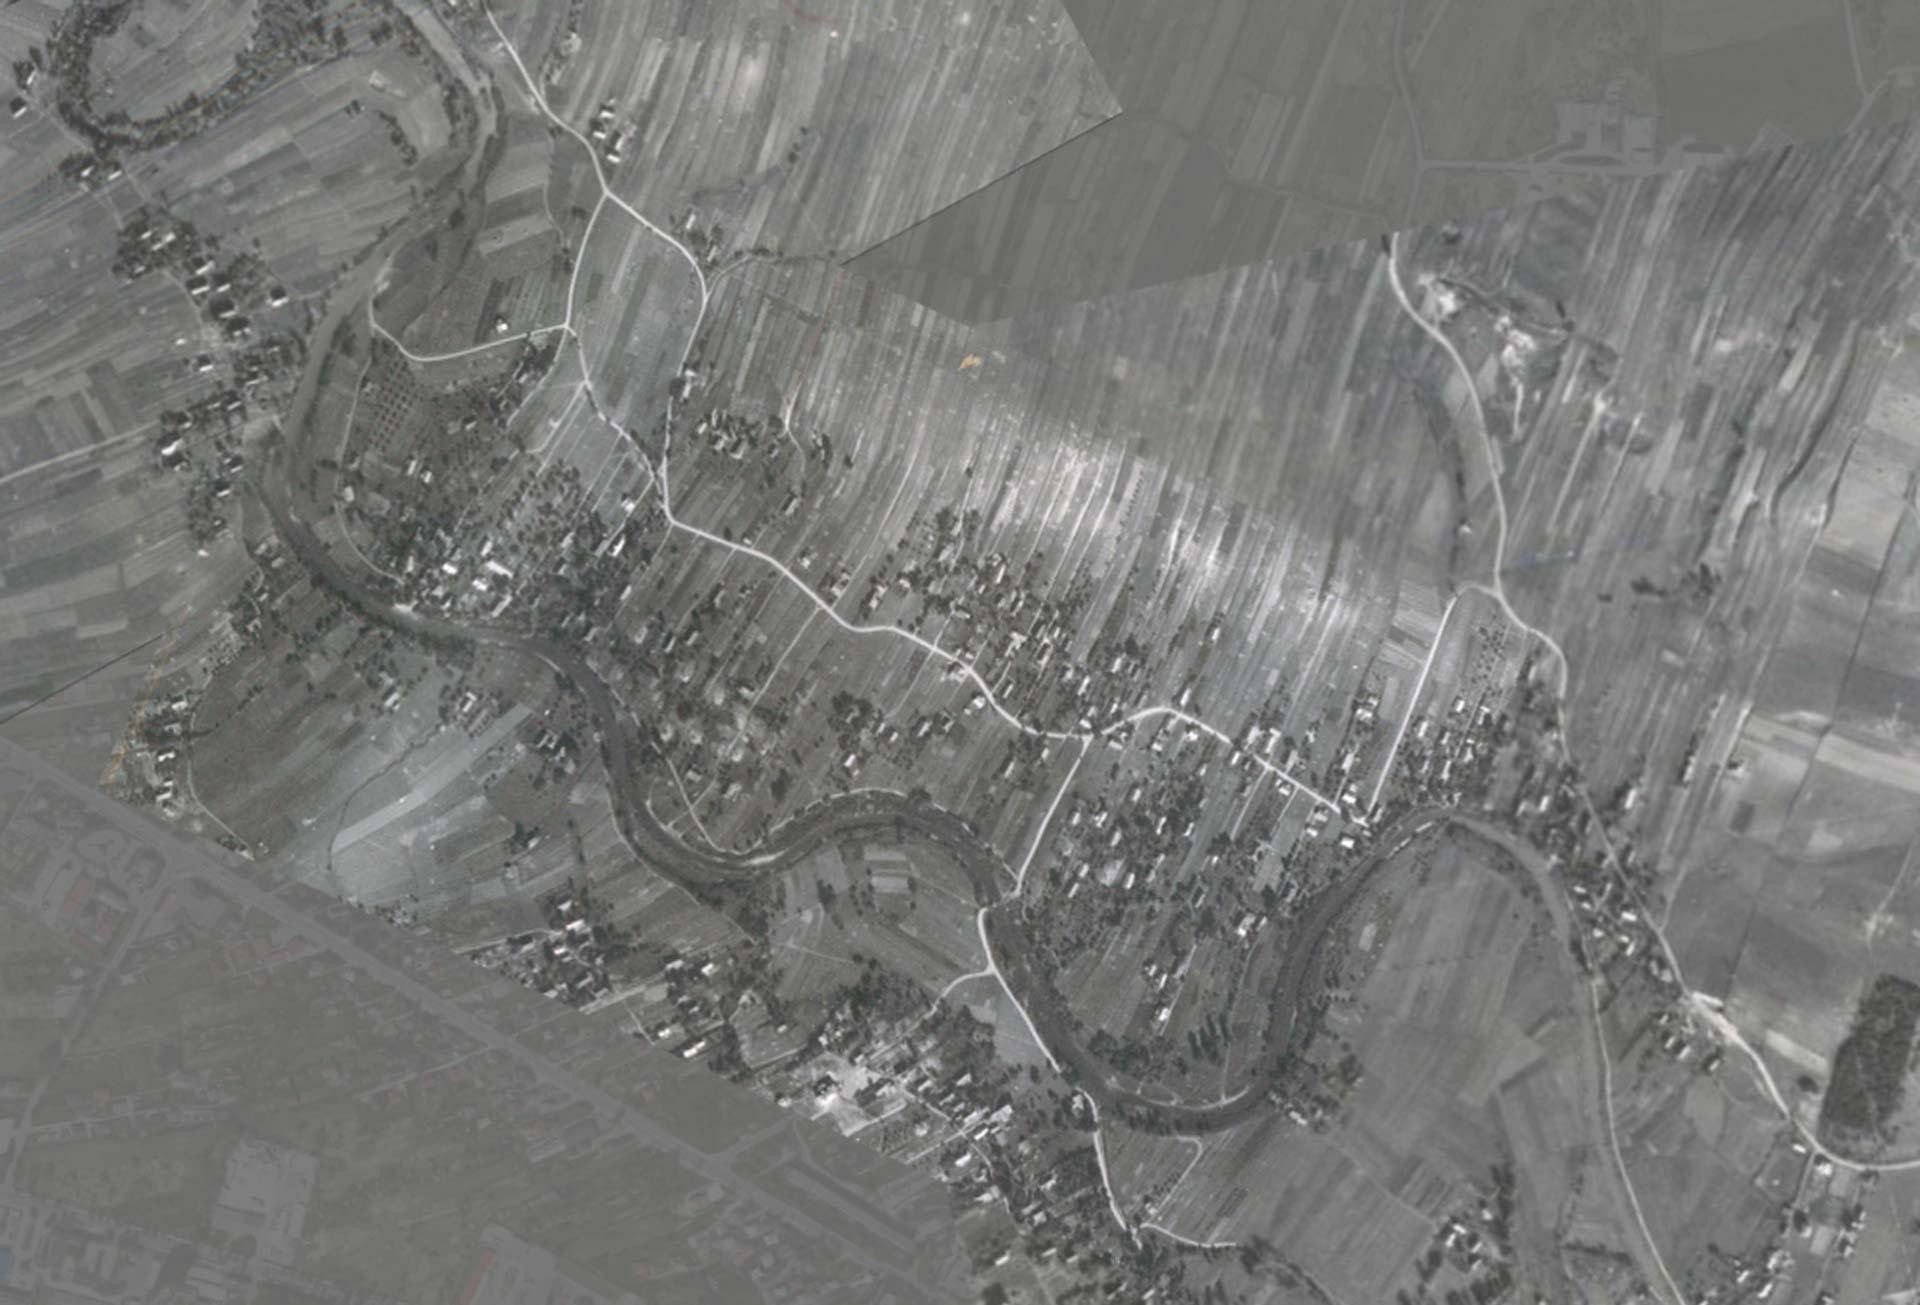 bialobrzegi-1940